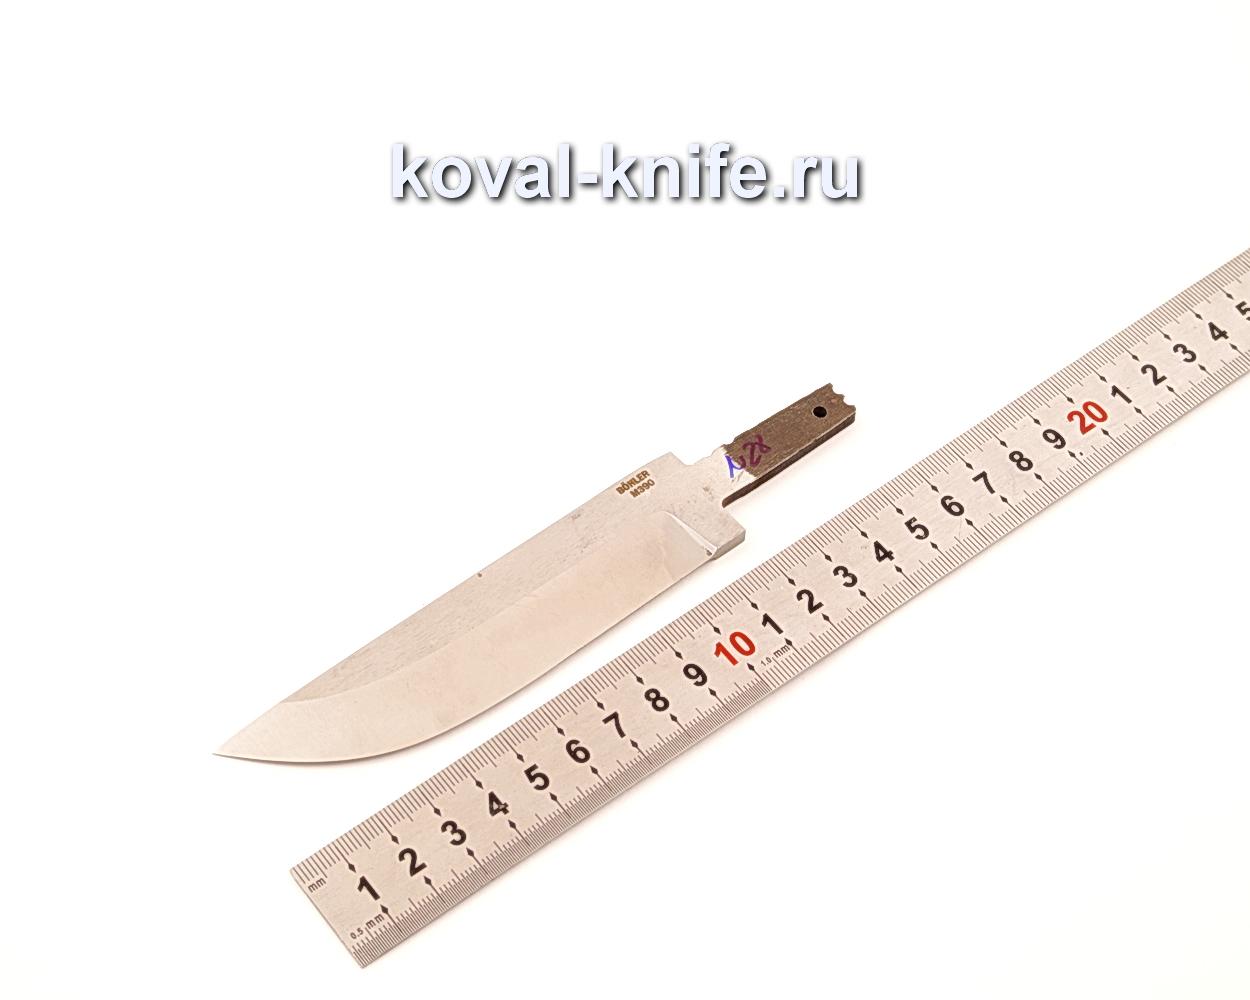 Клинок для ножа из порошковой стали Bohler M390 N28